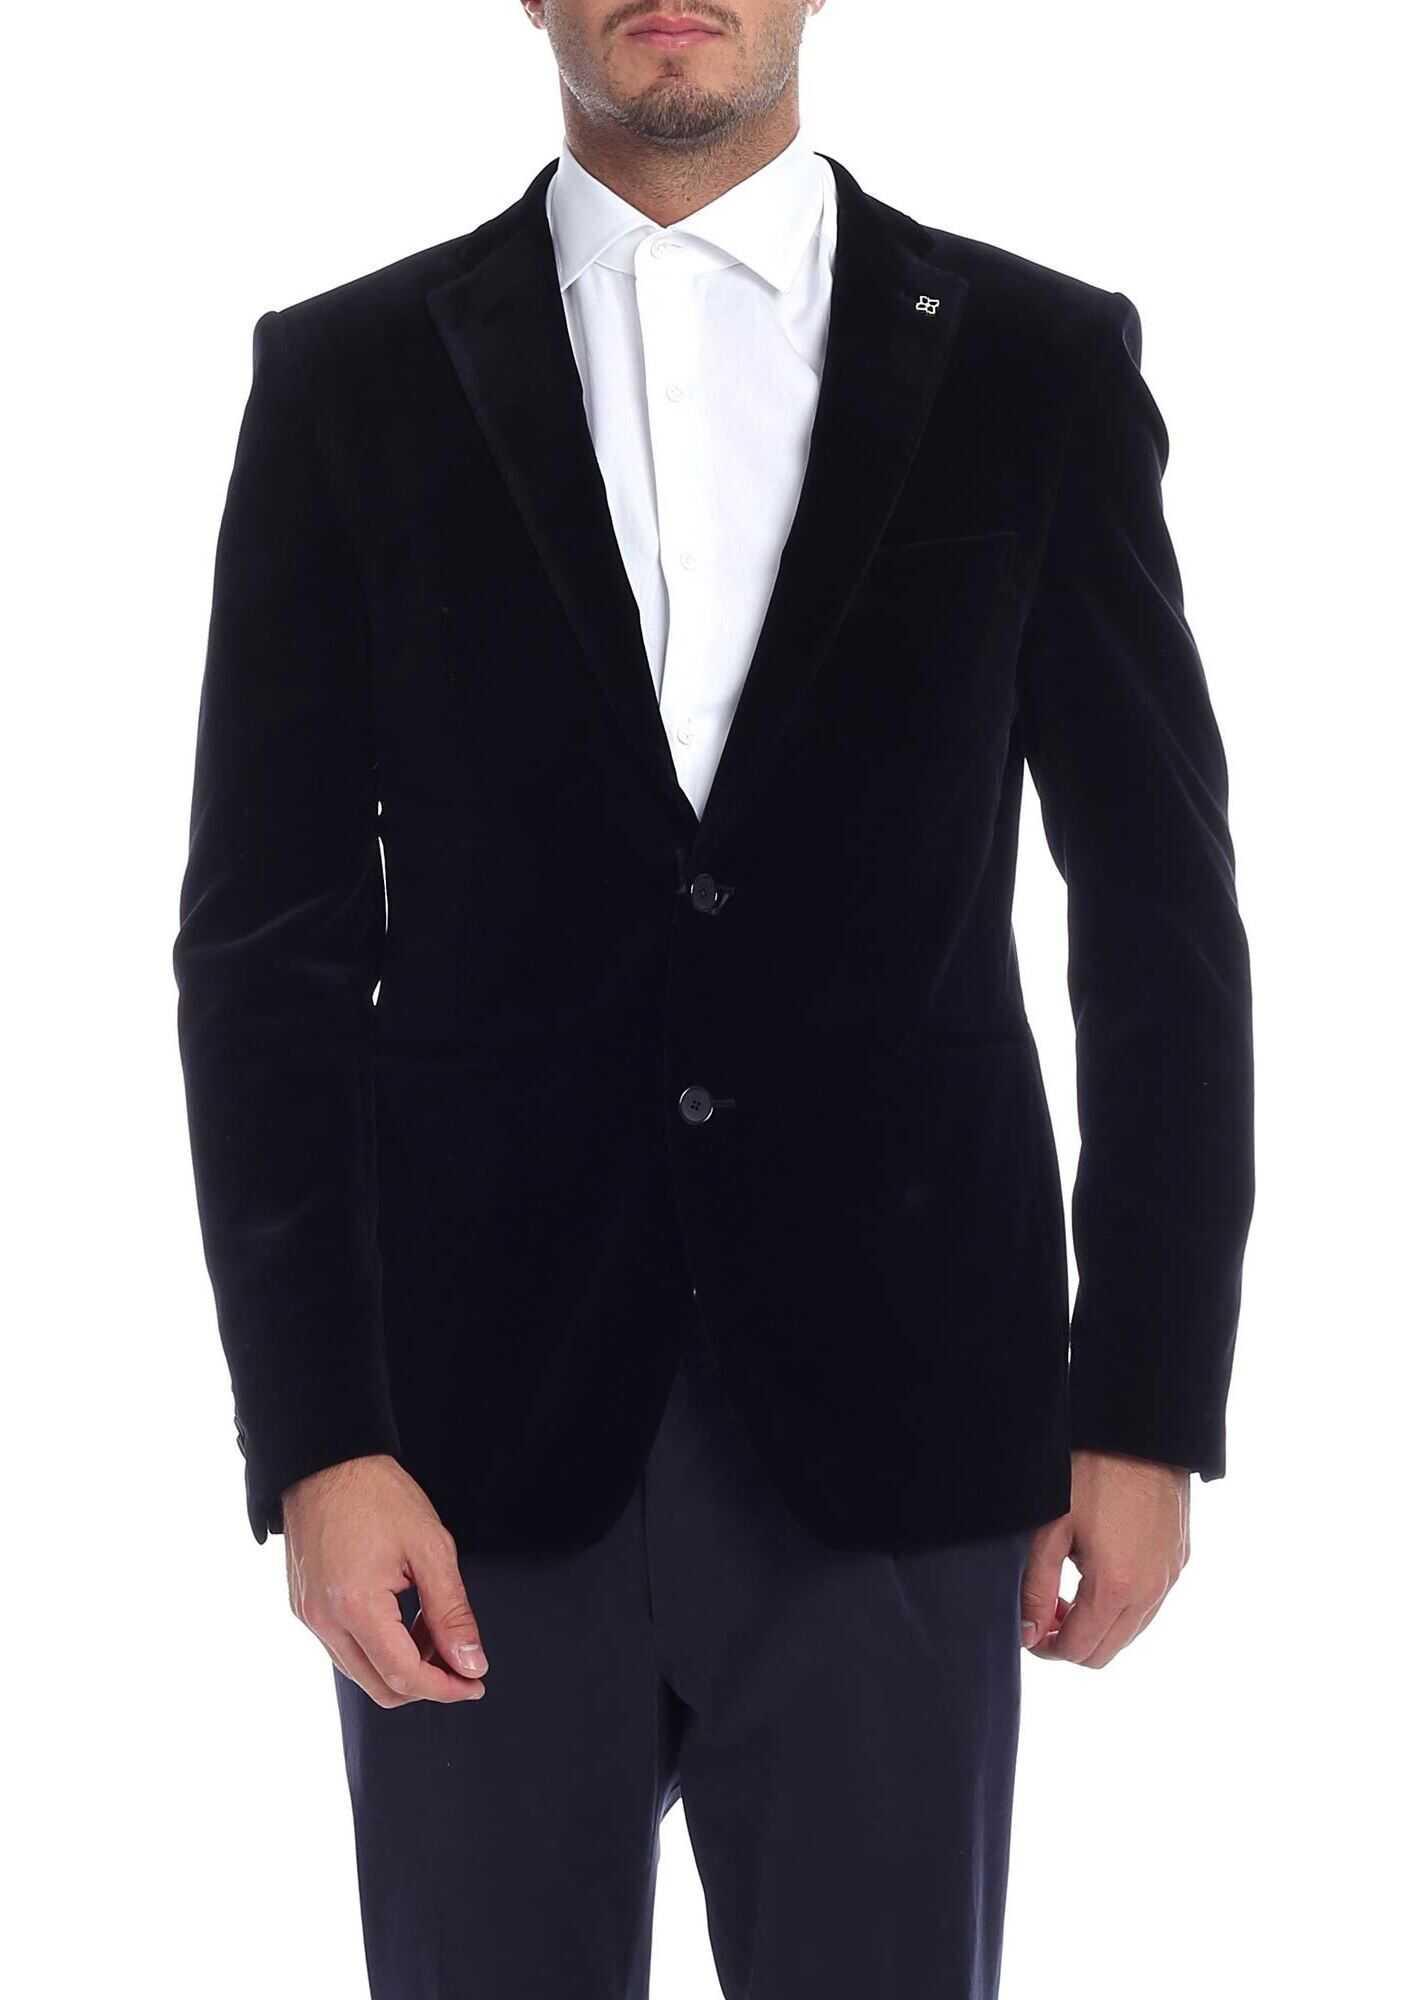 Velvet Jacket In Black thumbnail